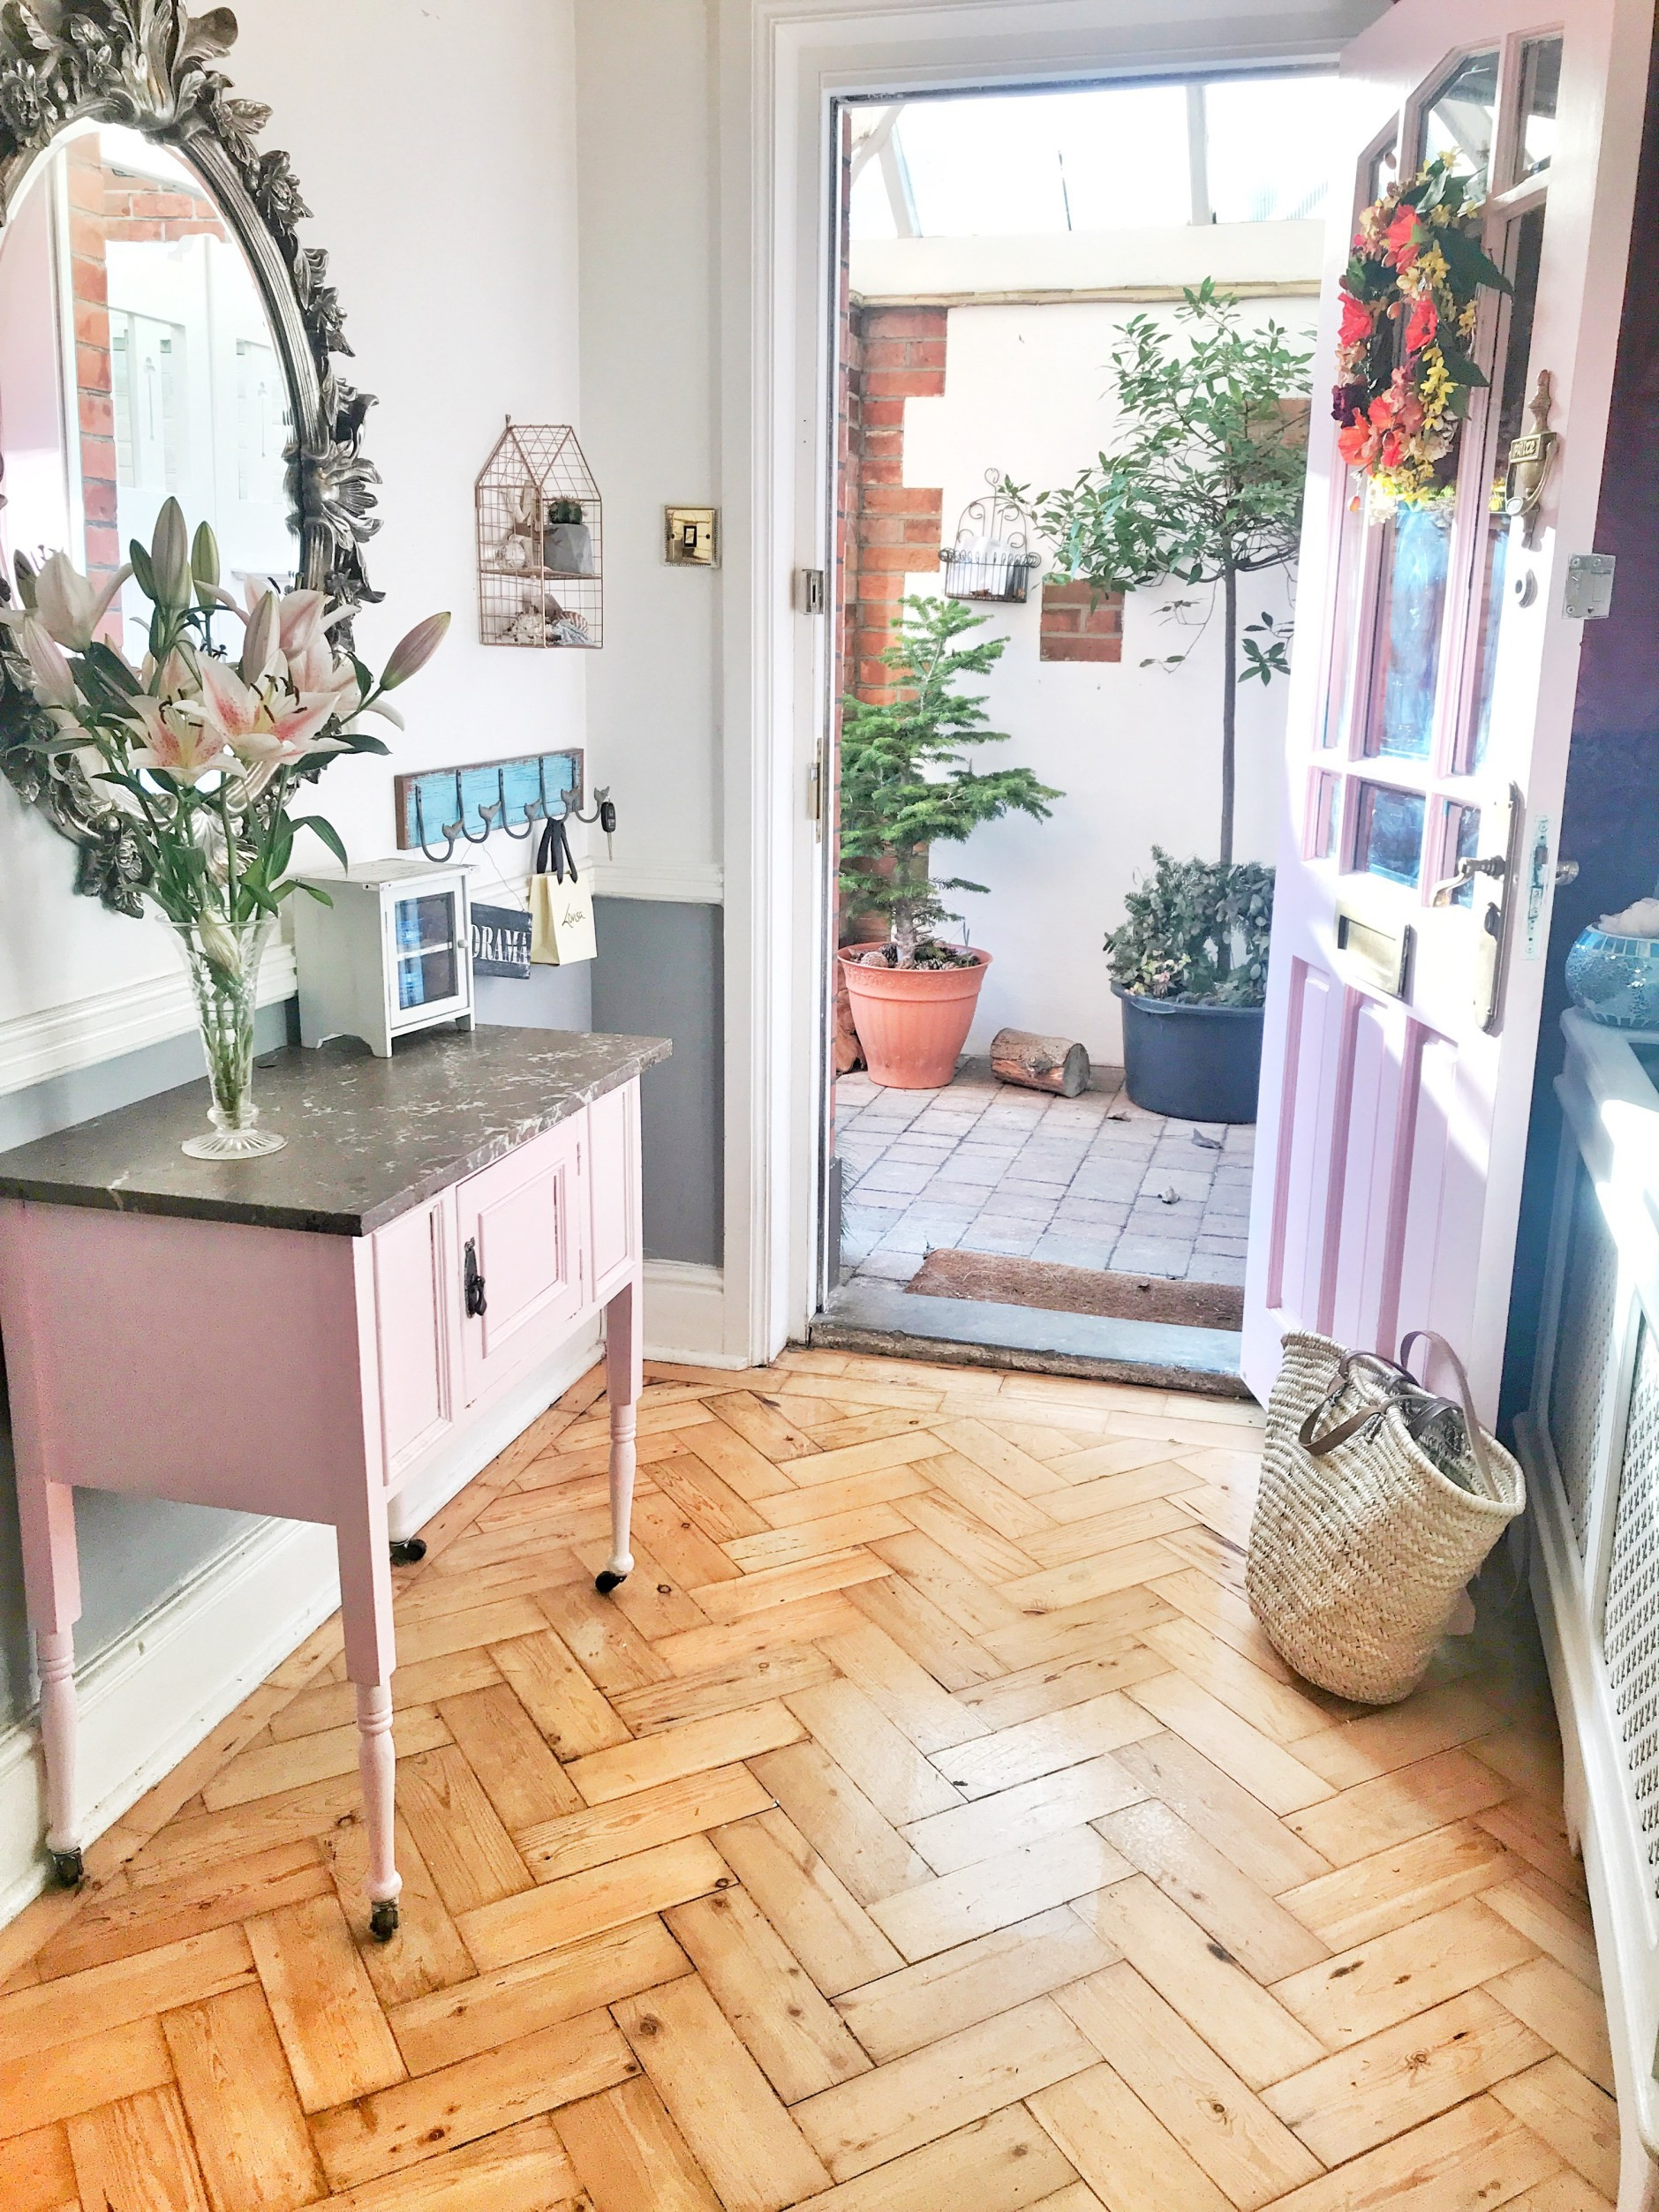 بالصور ديكور مدخل المنزل باللون الوردي- كونسول باللون الوردي